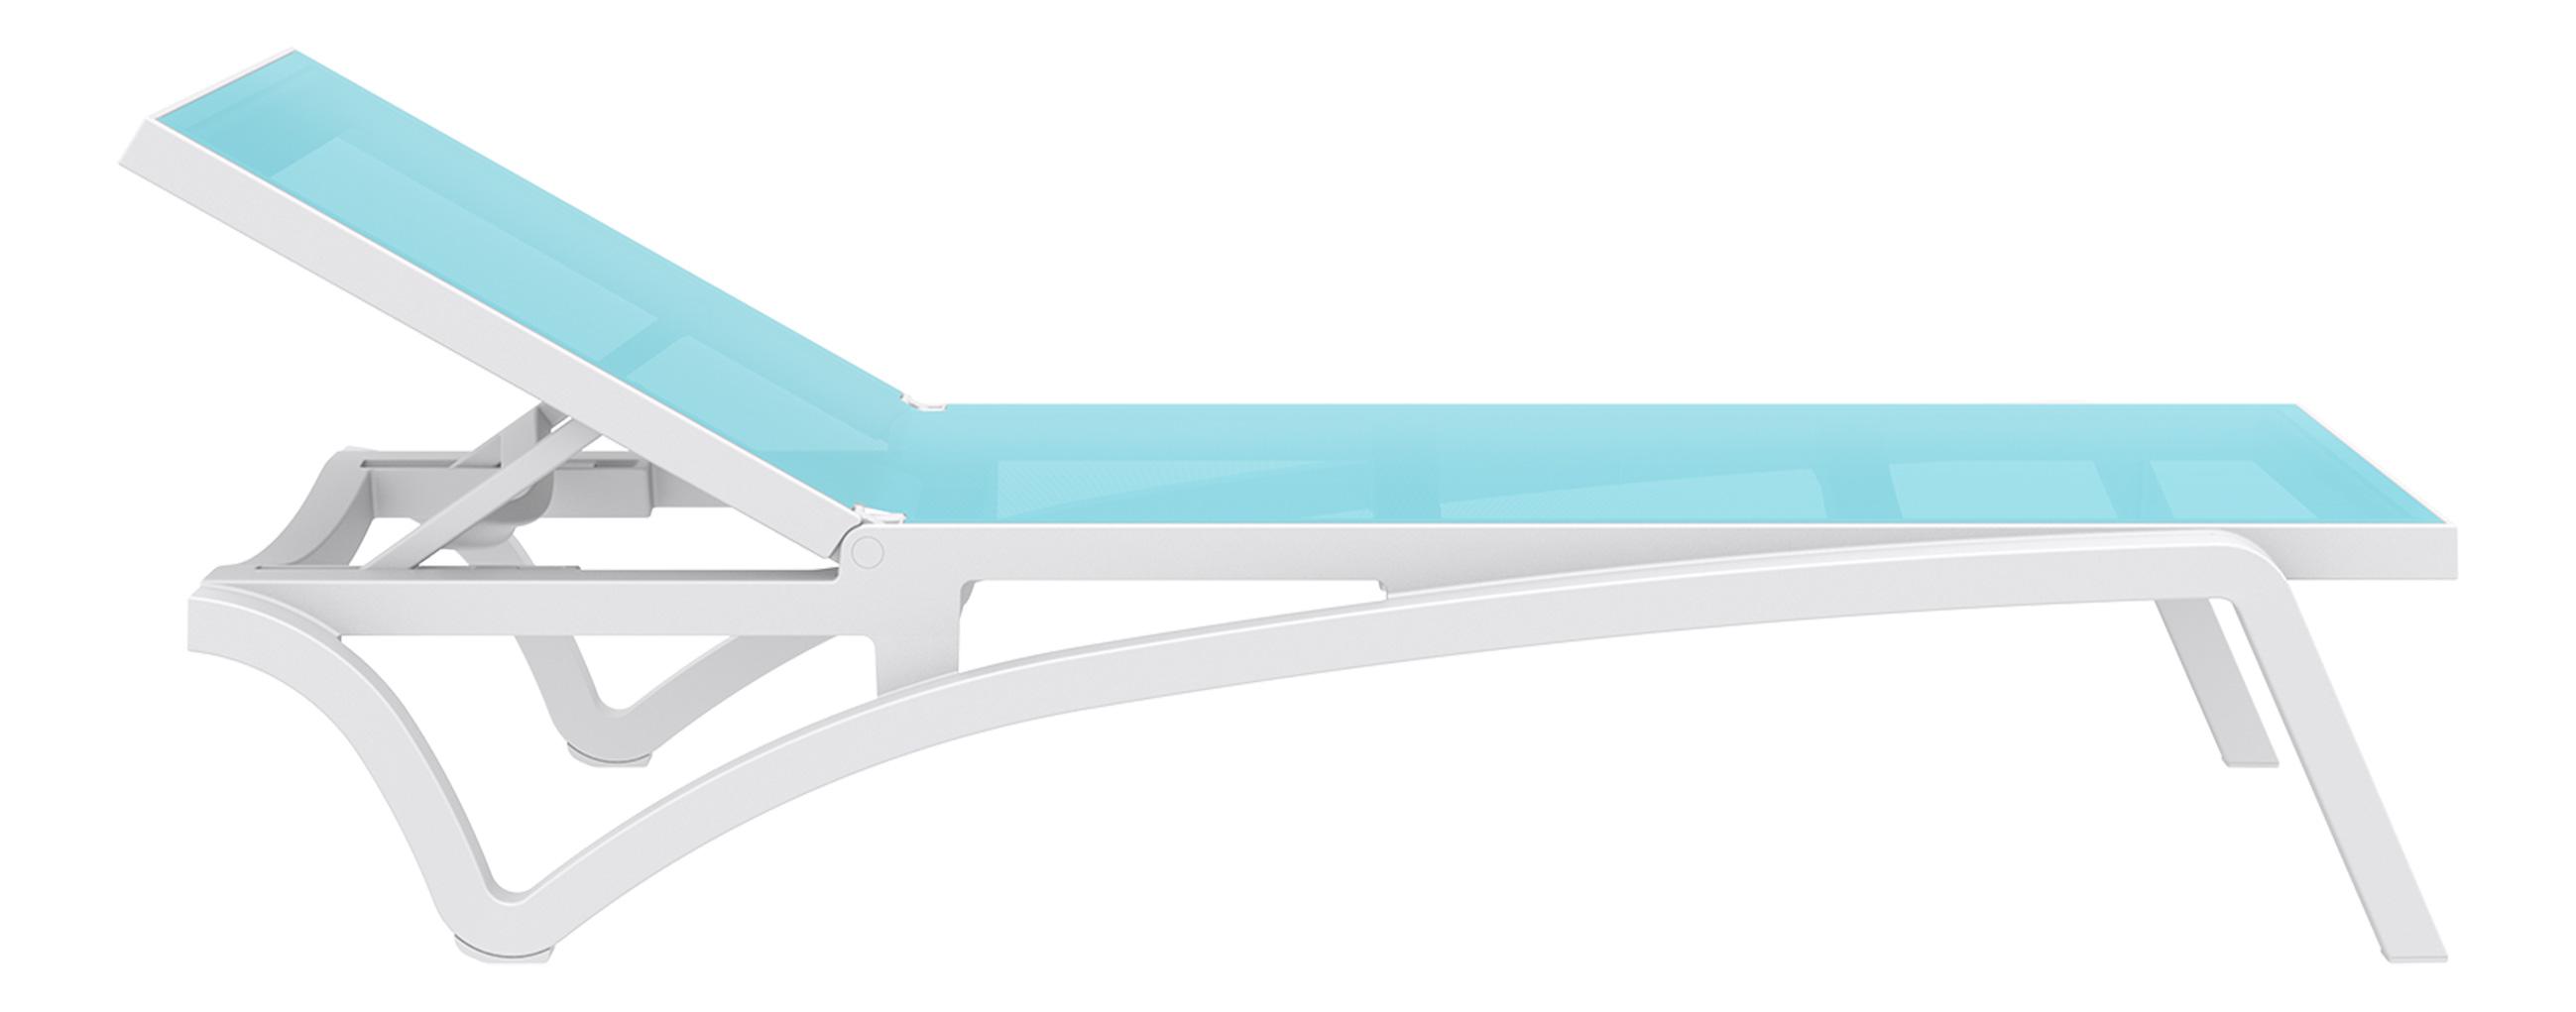 Transat costa blanc turquoise for Transat de piscine design